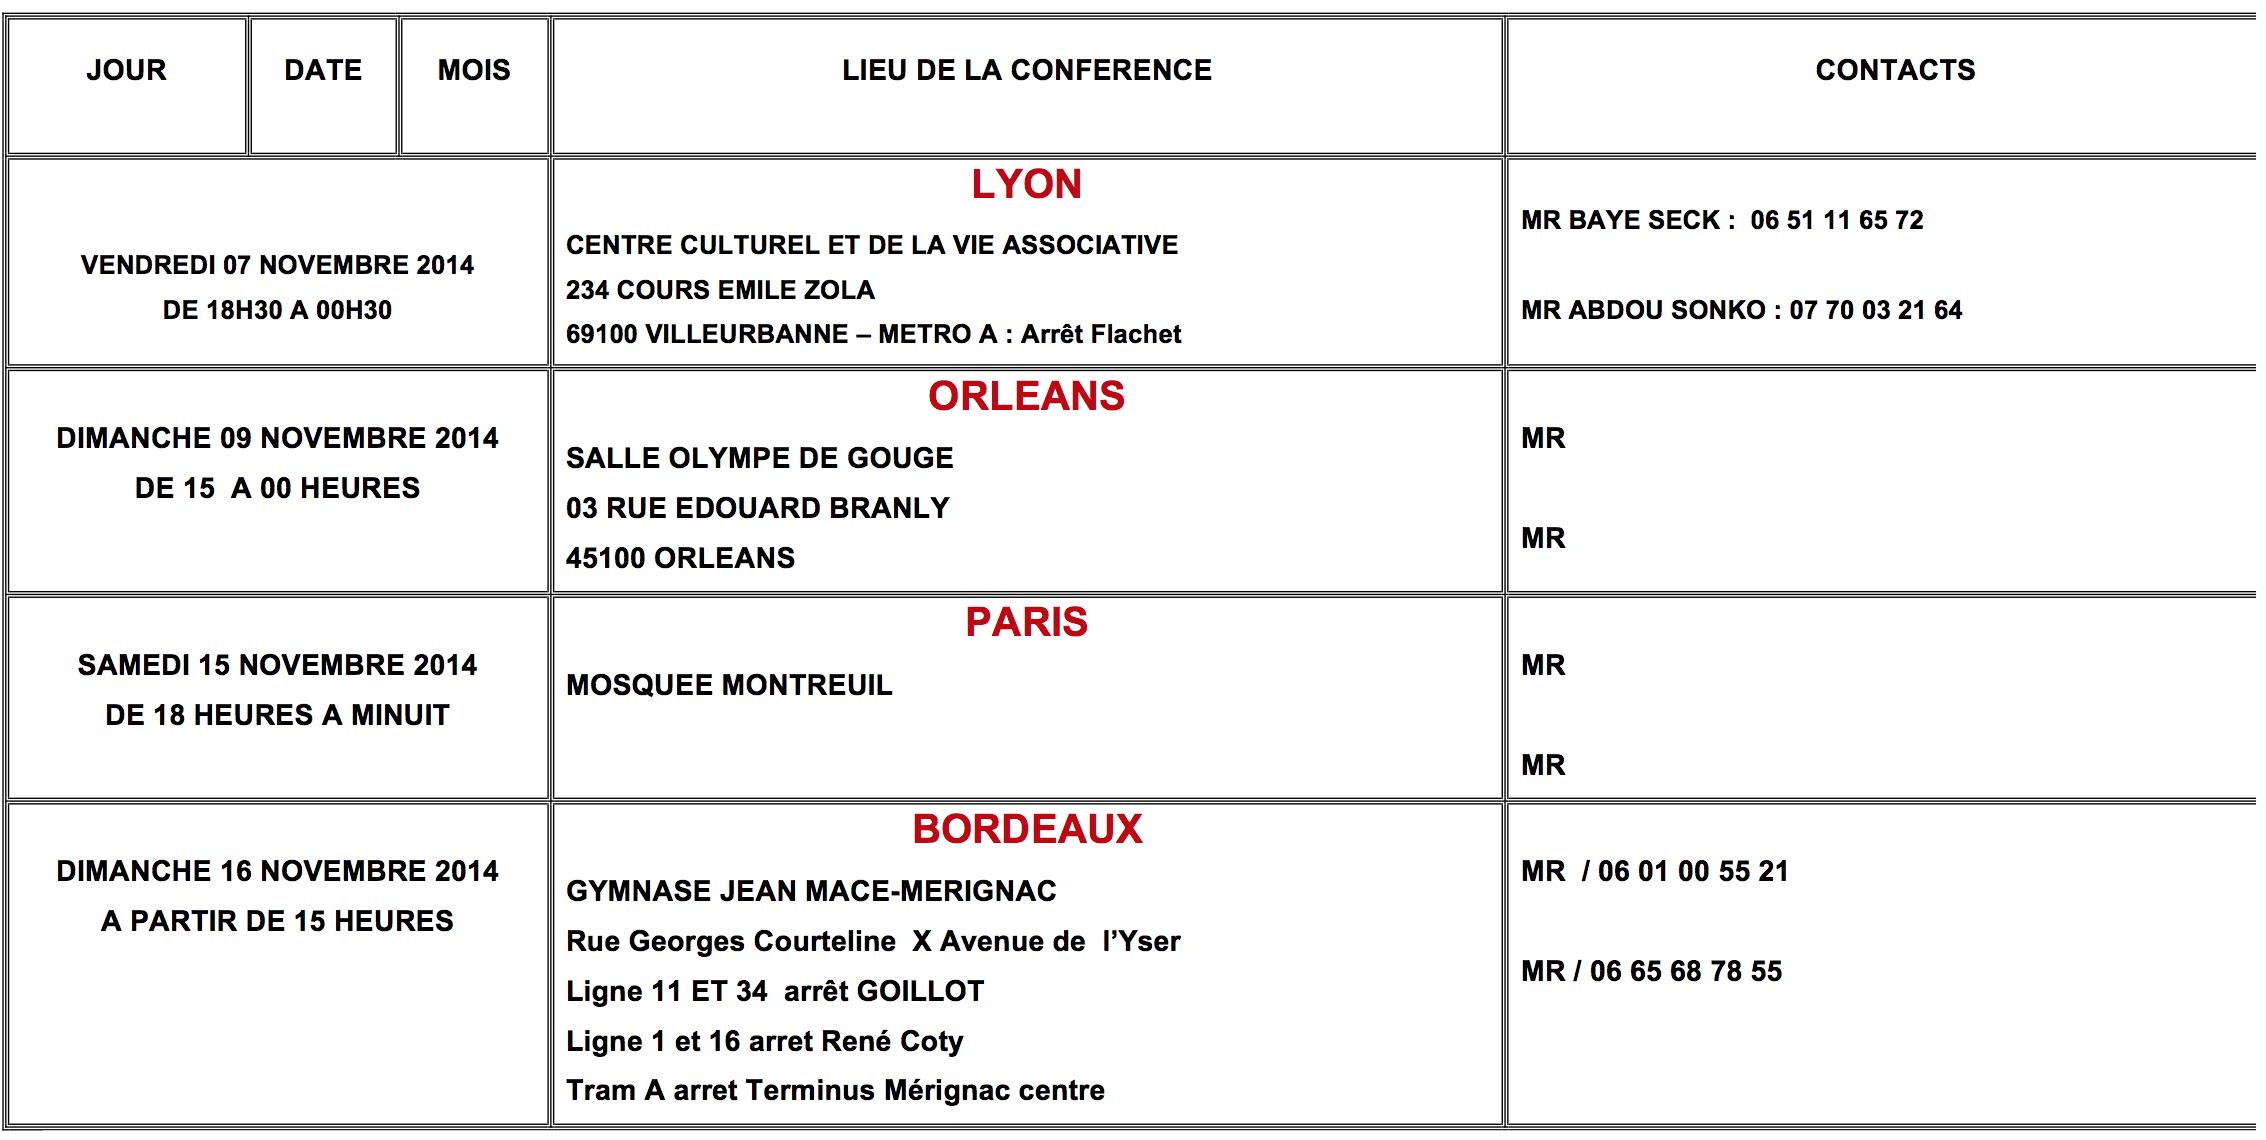 Voici le Programme de la Tournée Européenne de Cherif Maamine Aidara et Tafsir Abdourahmane Gaye du 23 Octobre au 16 Novembre 2014